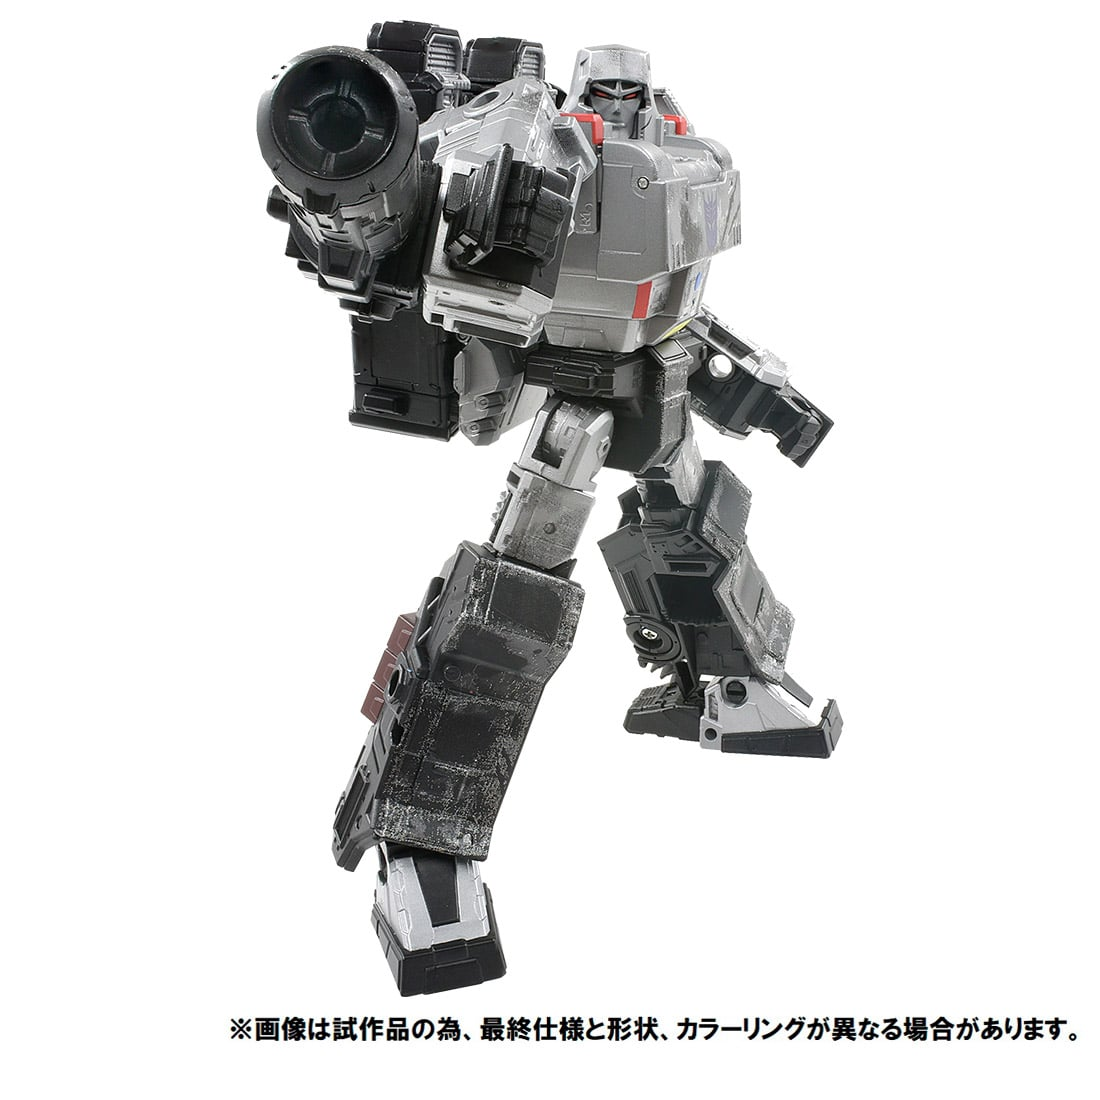 トランスフォーマー プレミアムフィニッシュ『PF WFC-02 メガトロン』可変可動フィギュア-001